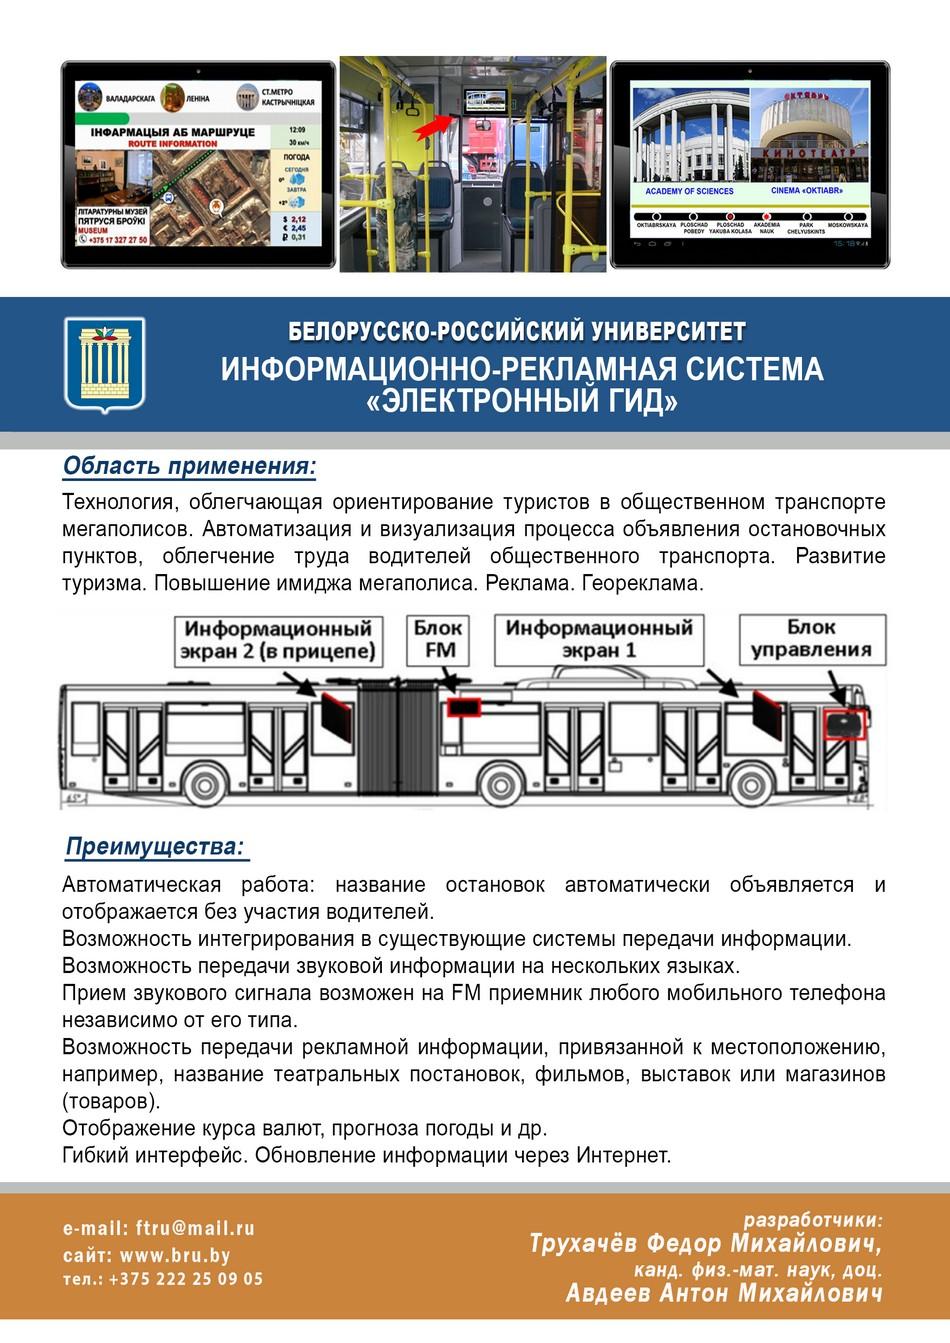 Информационно-рекламная система «Электронный гид»